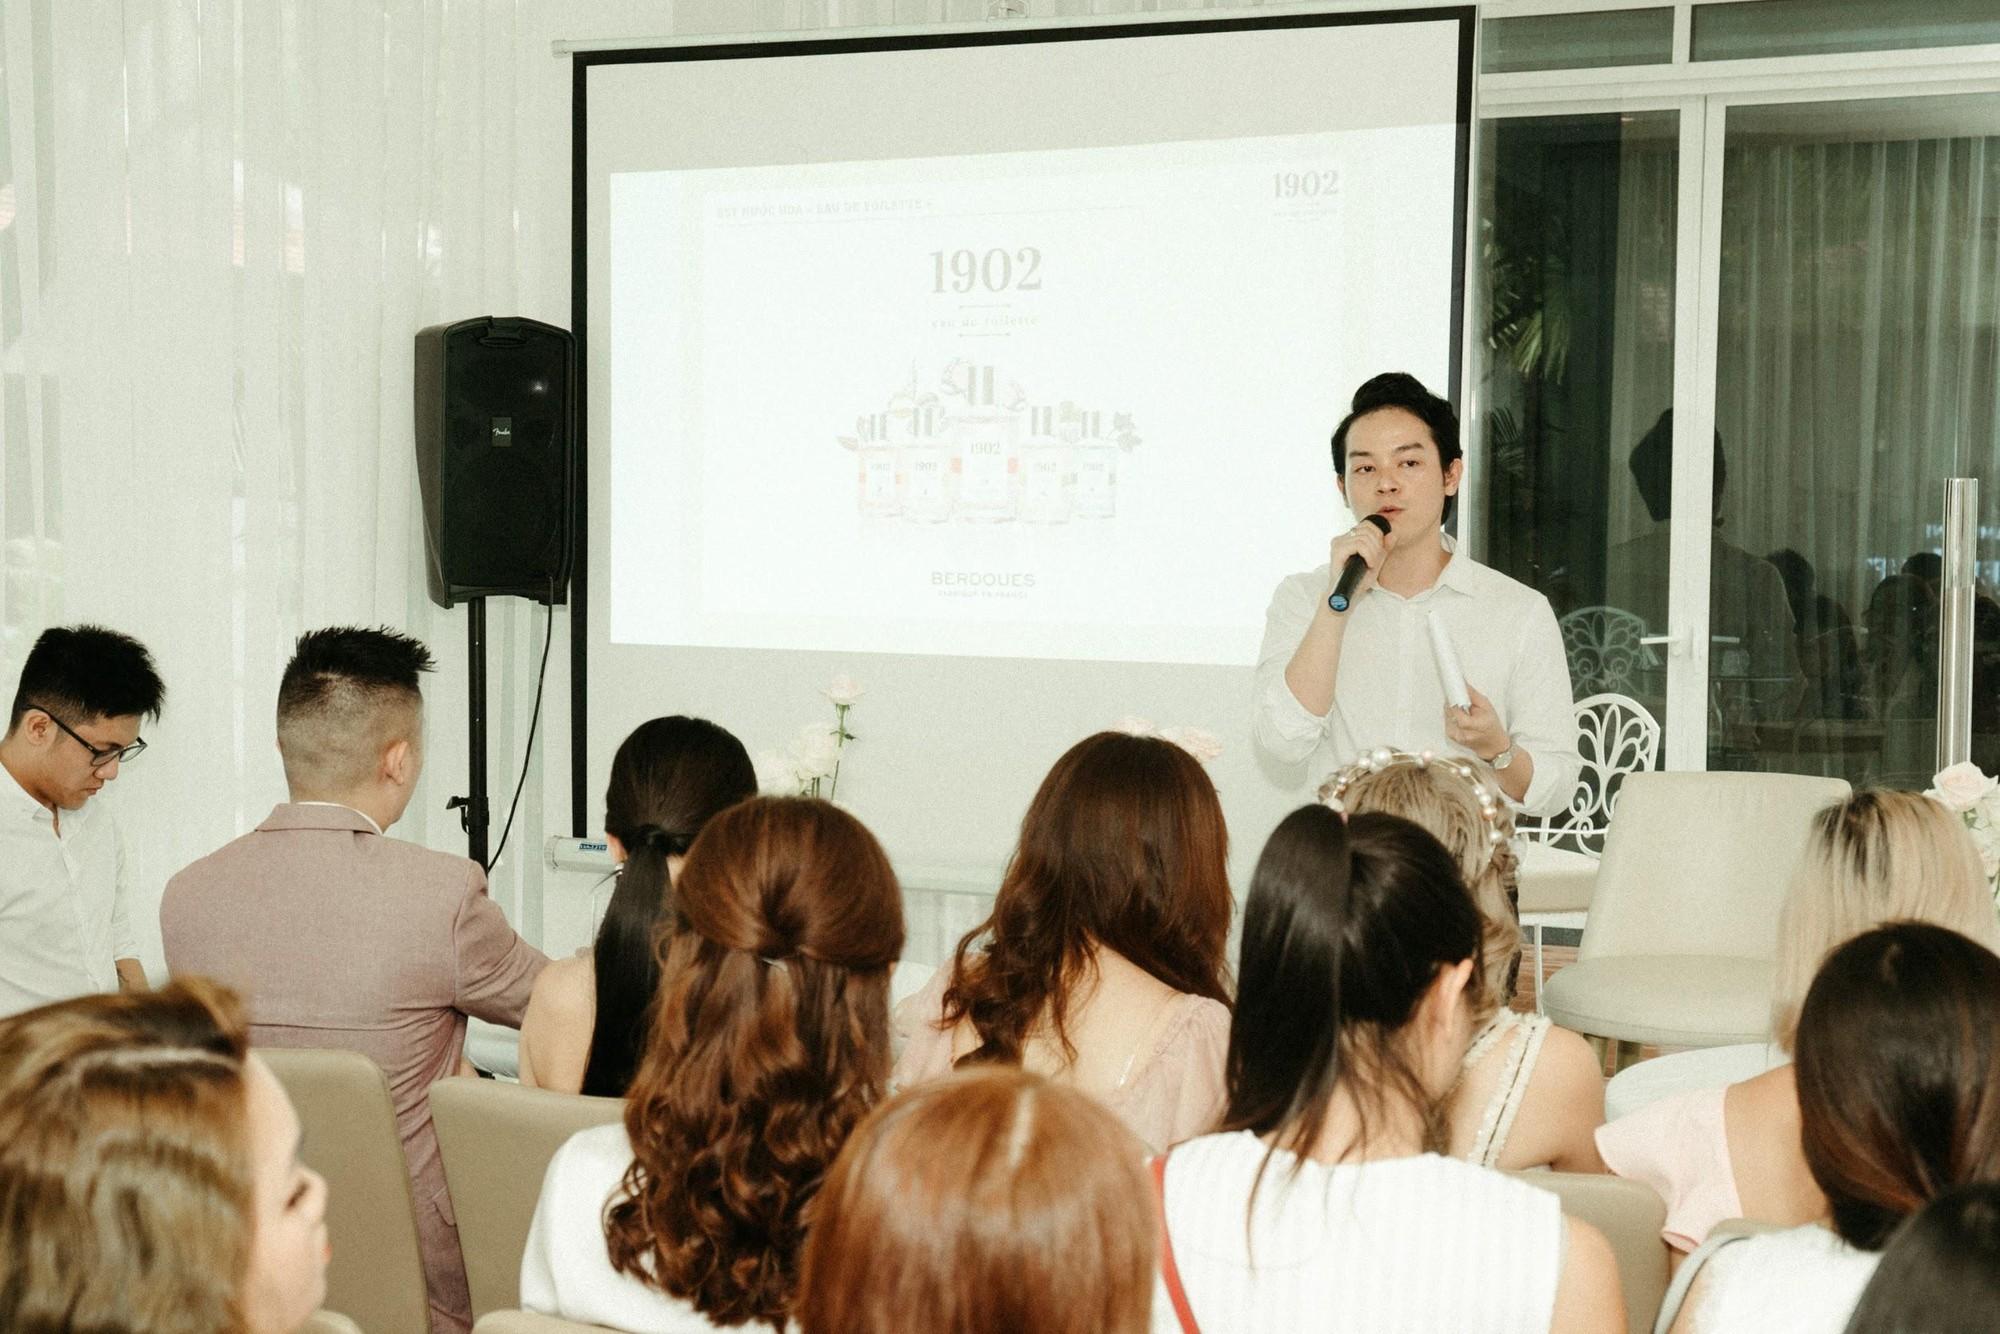 Ra mắt thương hiệu nước hoa hàng đầu nước Pháp tại Việt Nam - Ảnh 4.